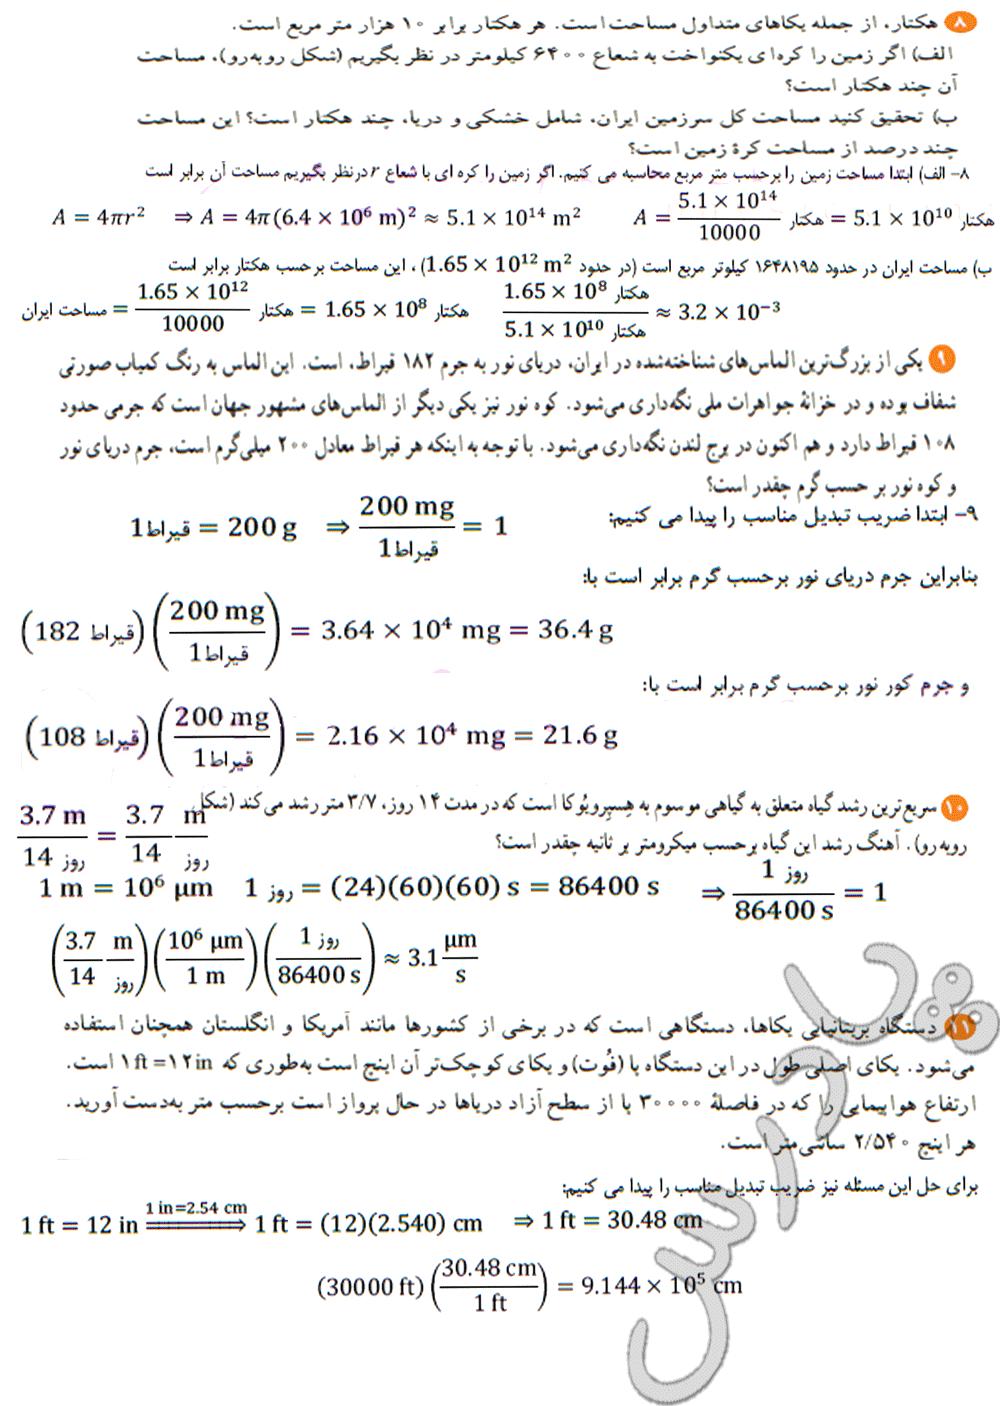 حل مسائل 8 تا 11 آخر فصل 1